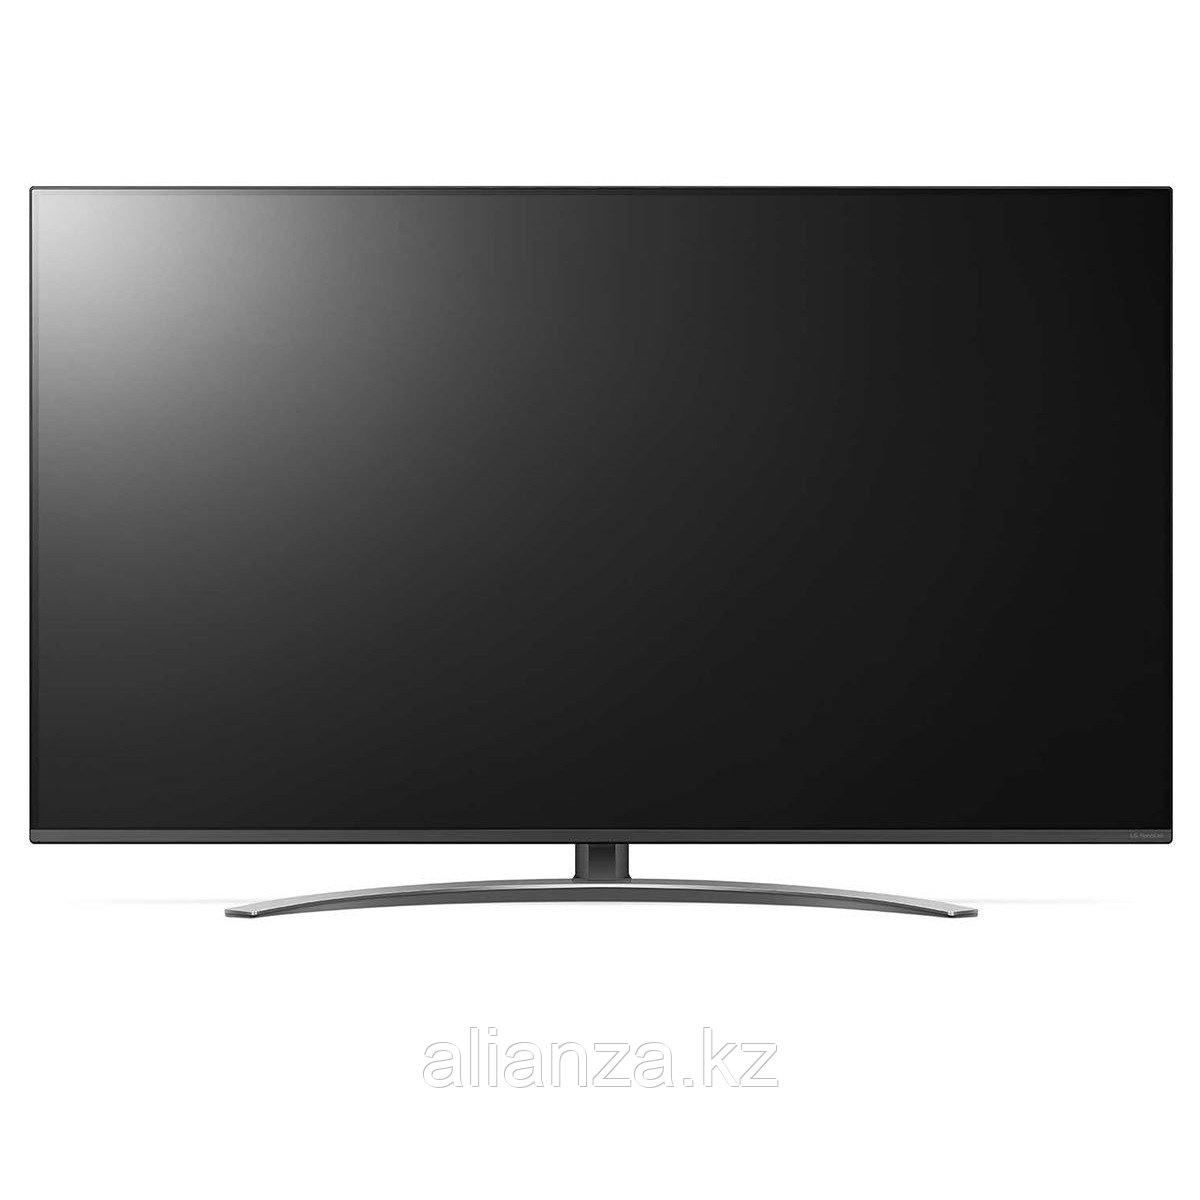 LED телевизор LG 65SM8200 - фото 2